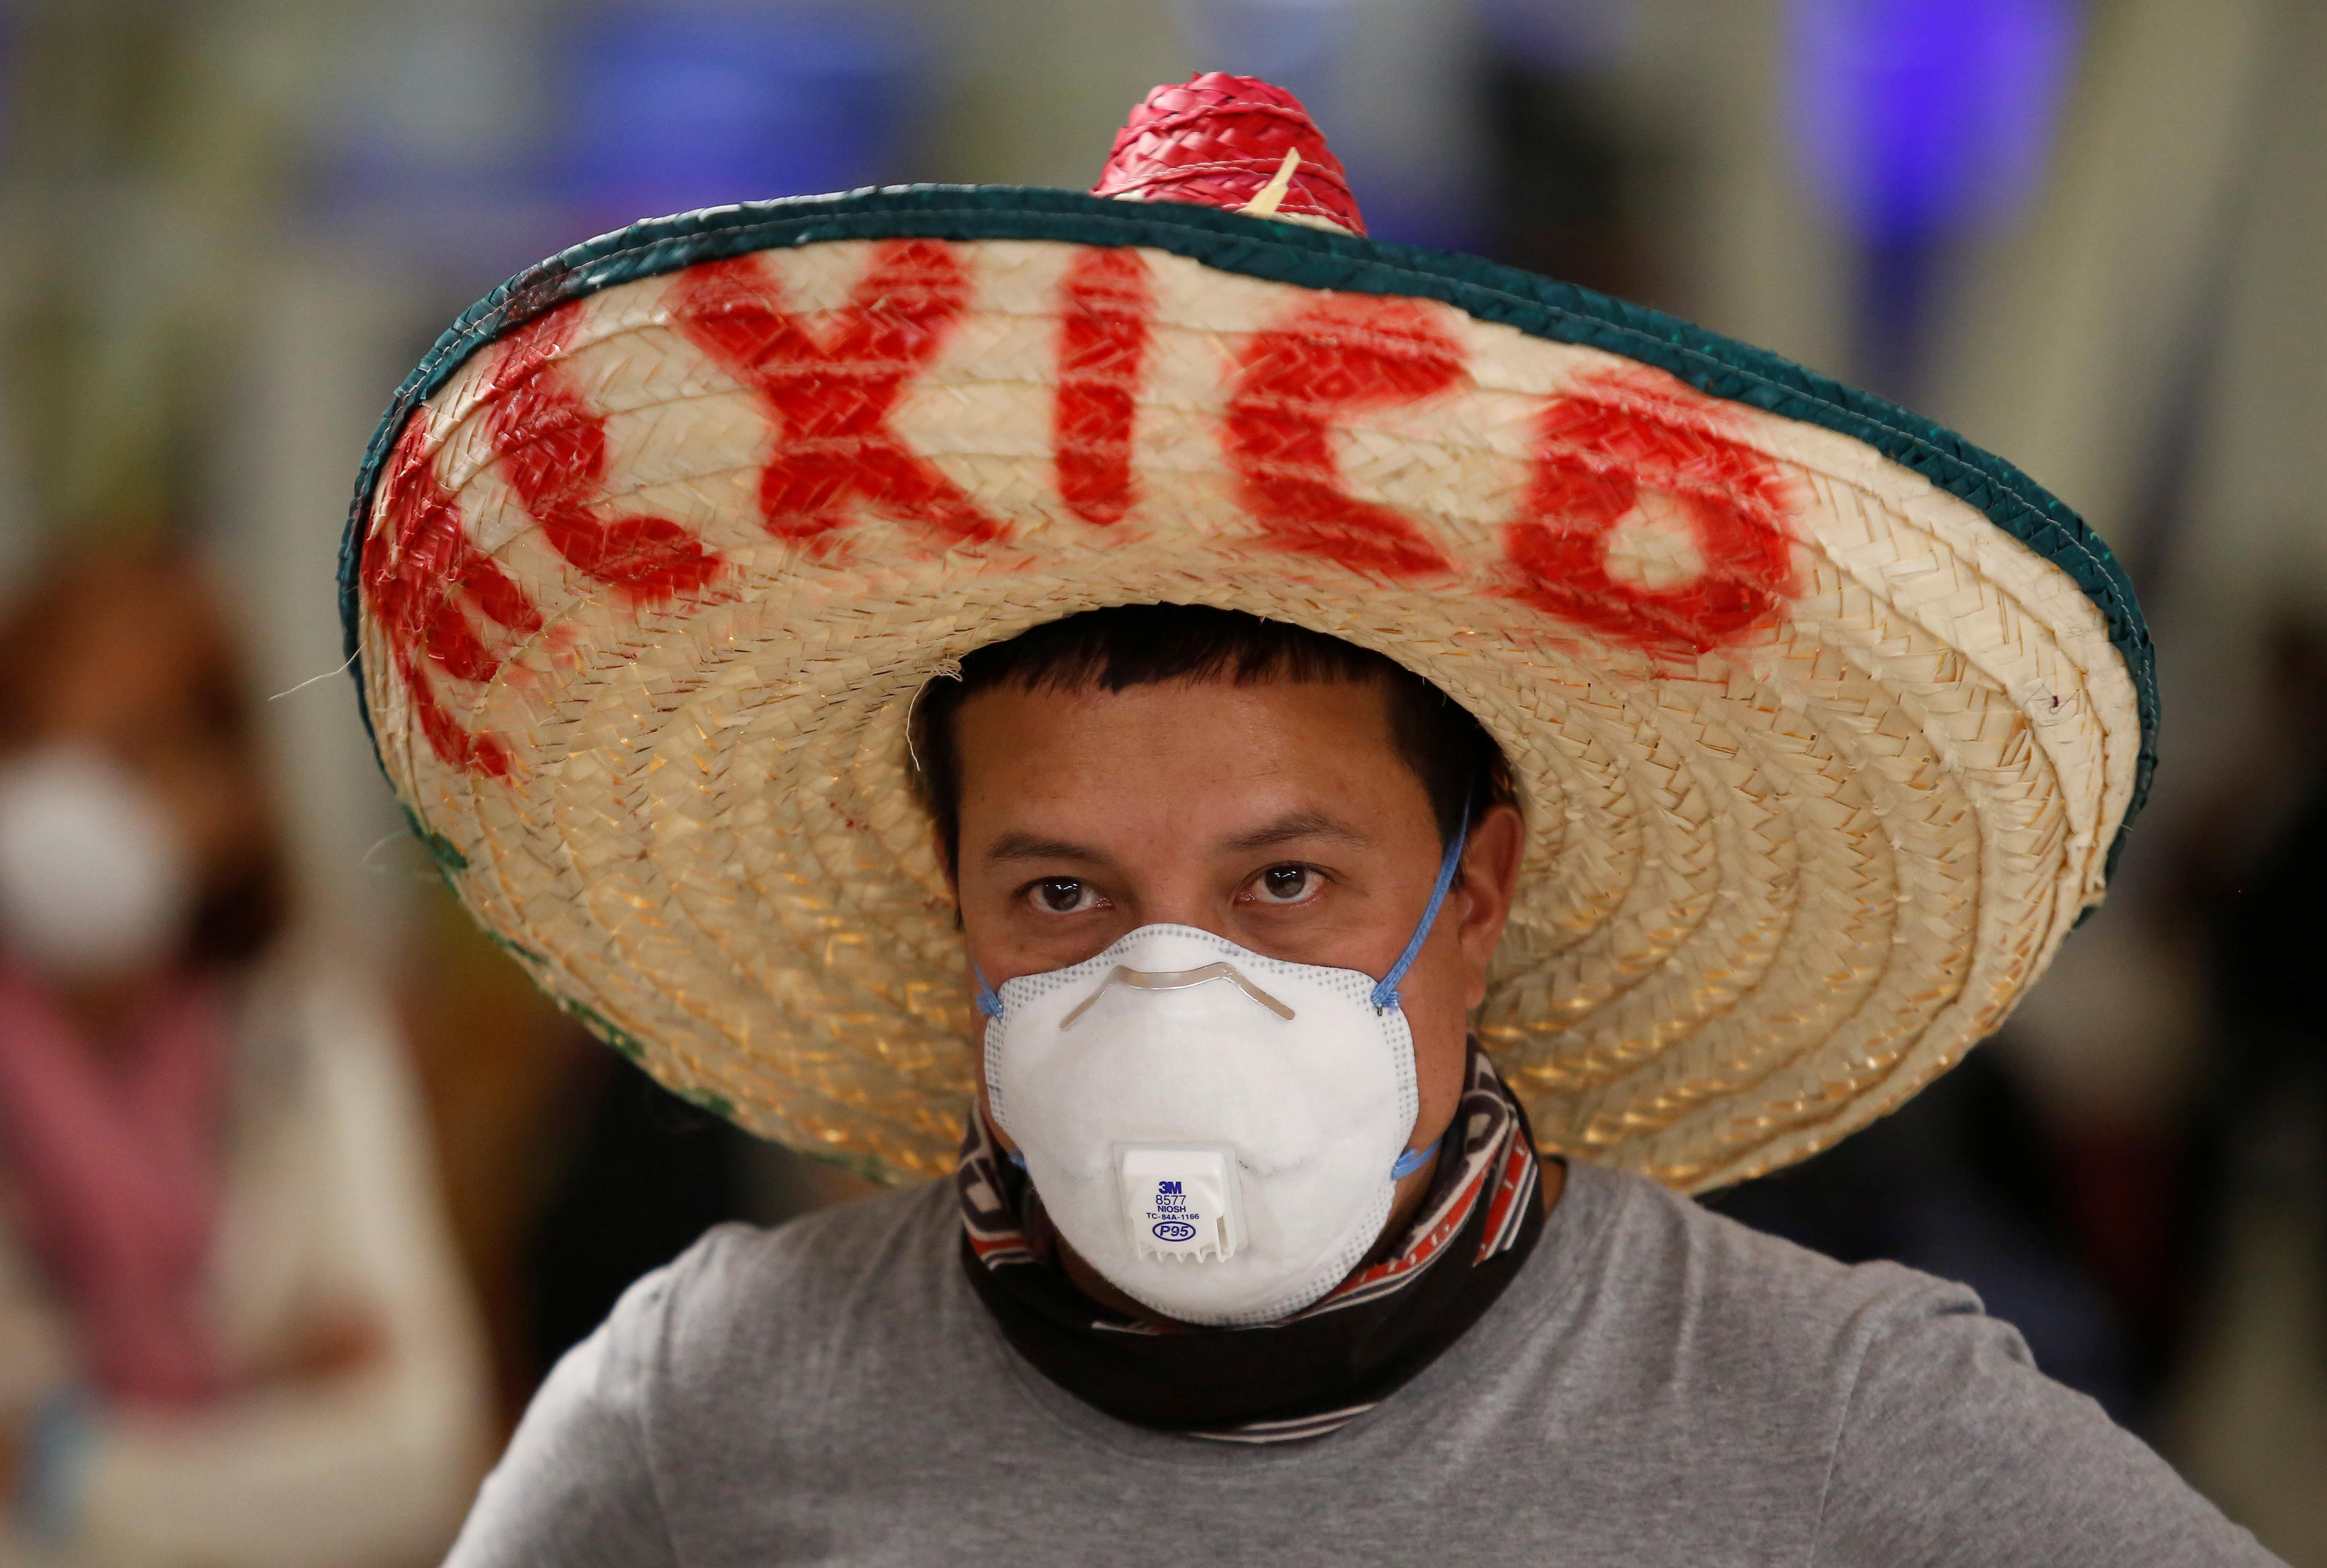 Un turista ecuatoriano varado, con una máscara facial y un sombrero tradicional mexicano, es fotografiado mientras espera un nuevo vuelo después de que el gobierno de Ecuador cerró sus fronteras debido a la propagación de la enfermedad por coronavirus (COVID-19), en el Aeropuerto Internacional Benito Juárez en Ciudad de México, México 16 de marzo de 2020.